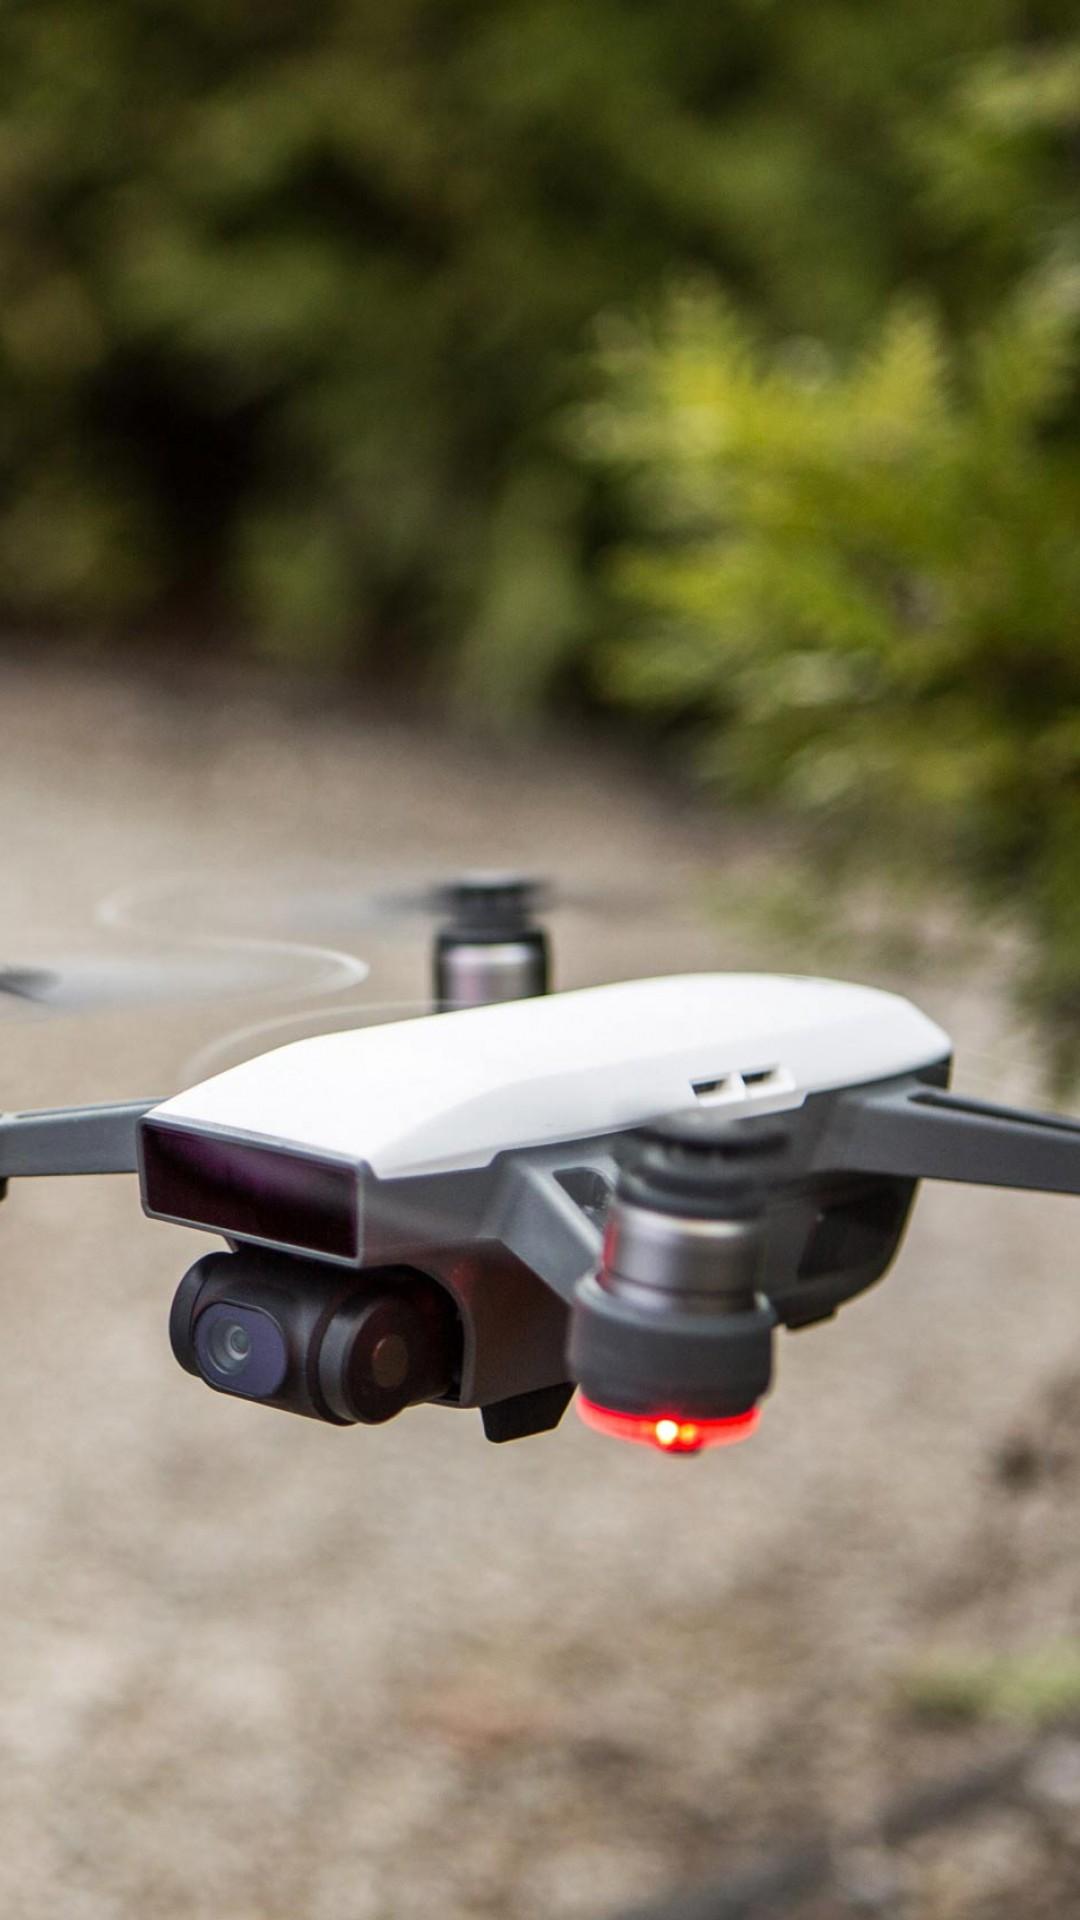 Wallpaper DJI Spark, HD, 4k, best drones, Hi-Tech #13603